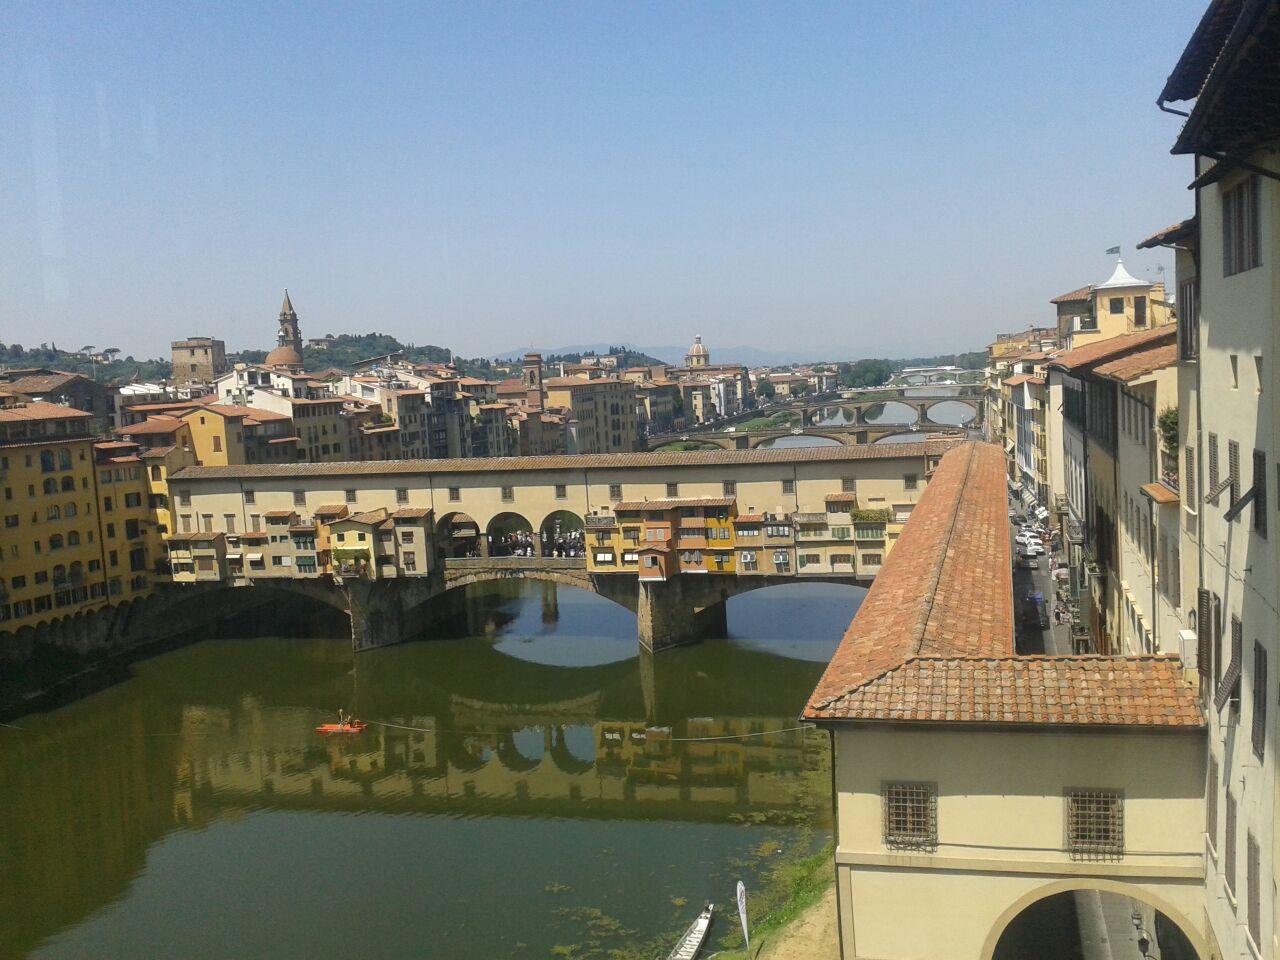 Corredor Vasariano saliendo de los Uffizi y cruzando el Arno sobre el Ponte Vechio